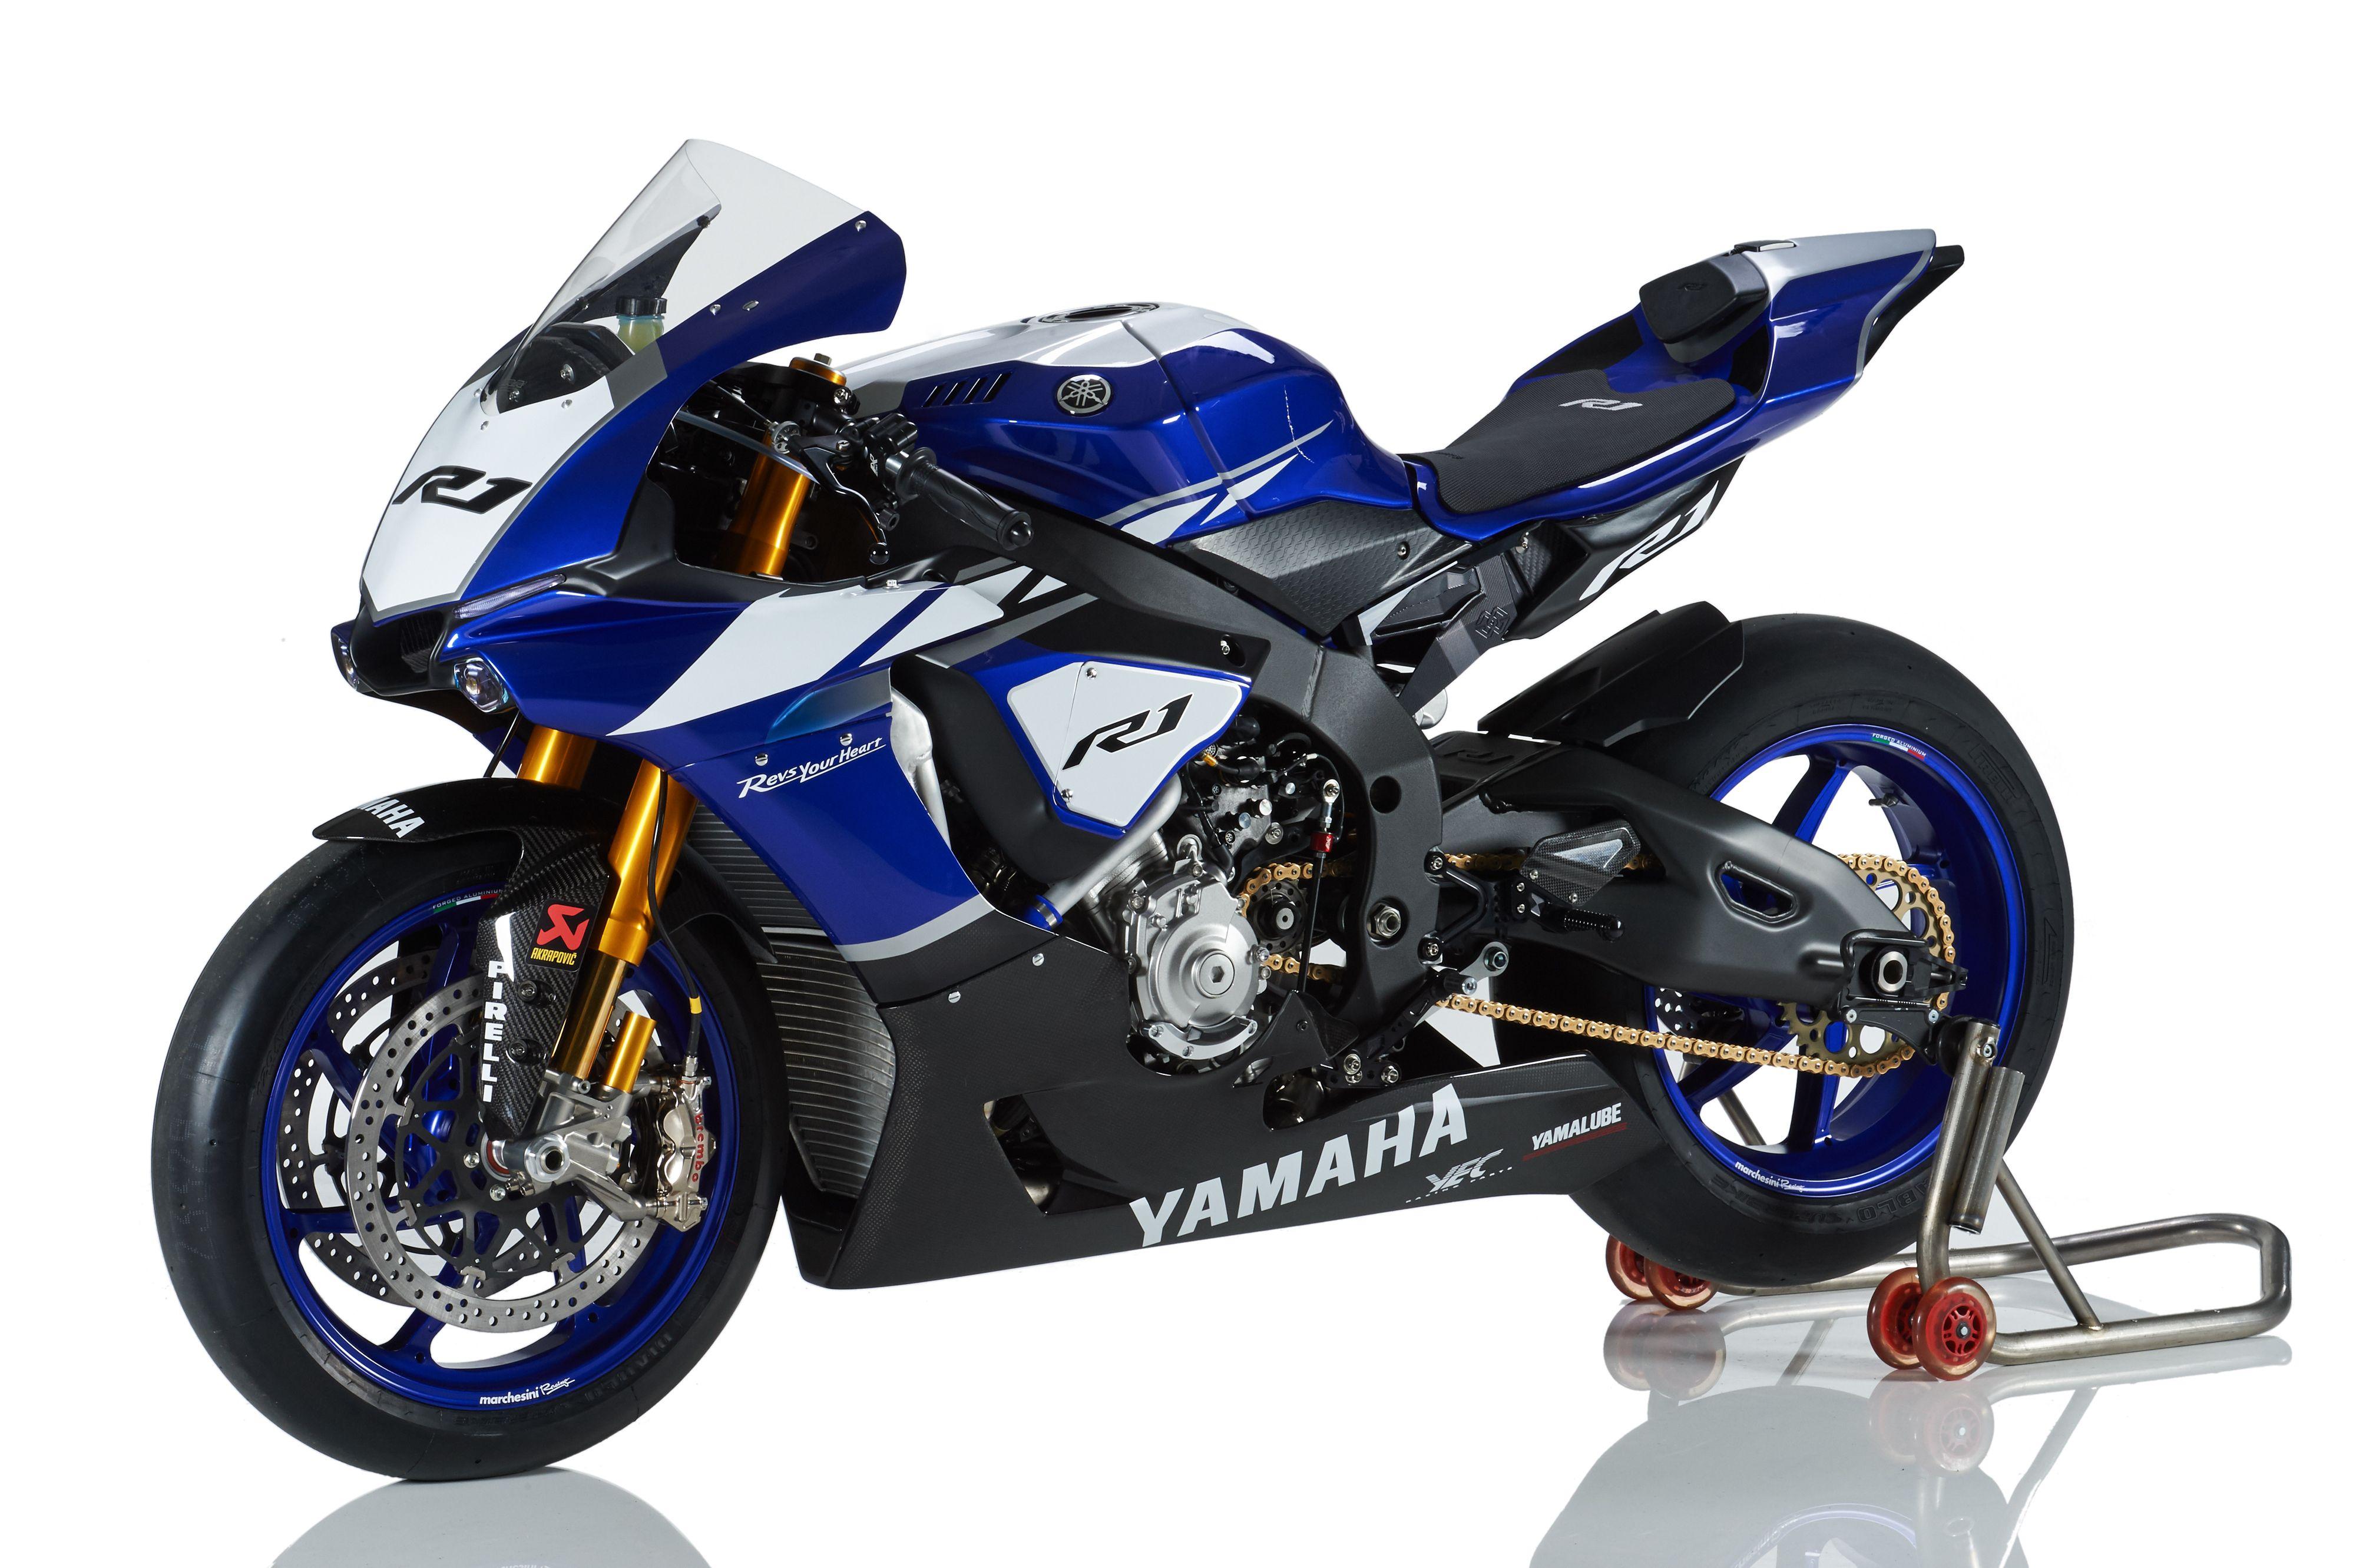 Yamaha Yzf R1 Factory Bike 2015 Yamaha Yzf R1 2015 バイク